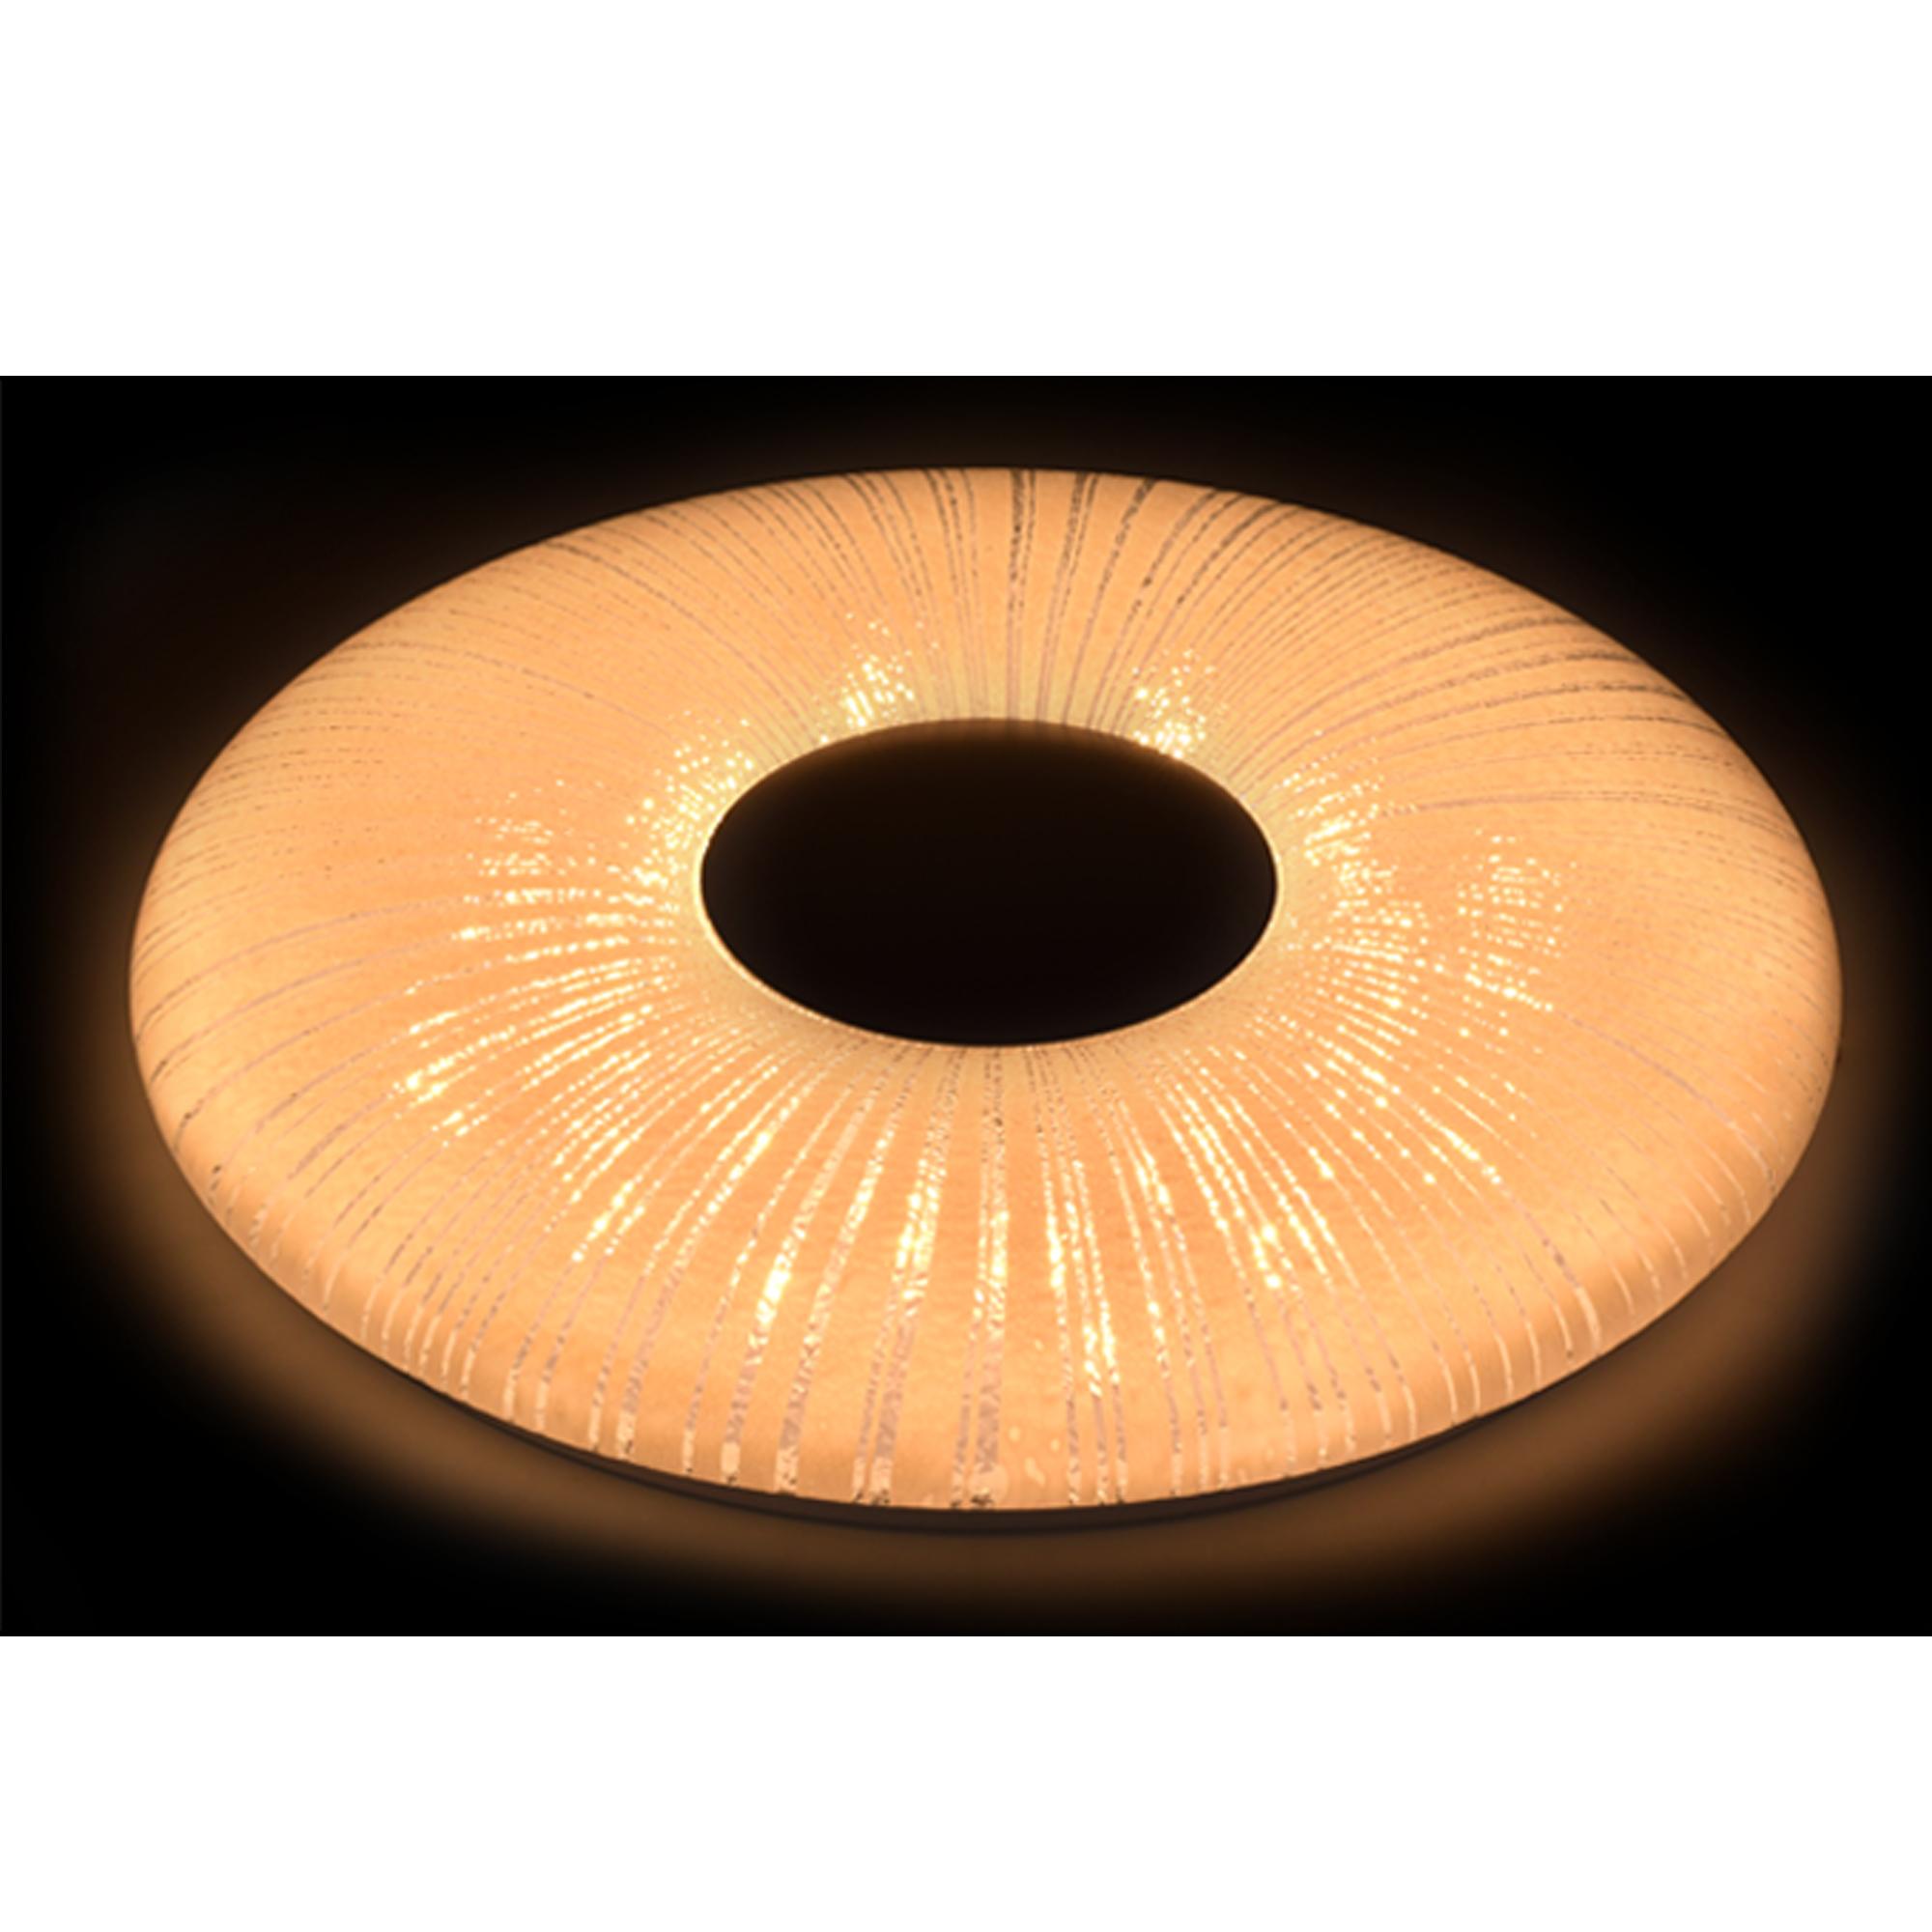 Indexbild 11 - Deckenlampe-Schlafzimmer-LED-mit-Fernbedienung-48W-Dimmbar-Deckenleuchte